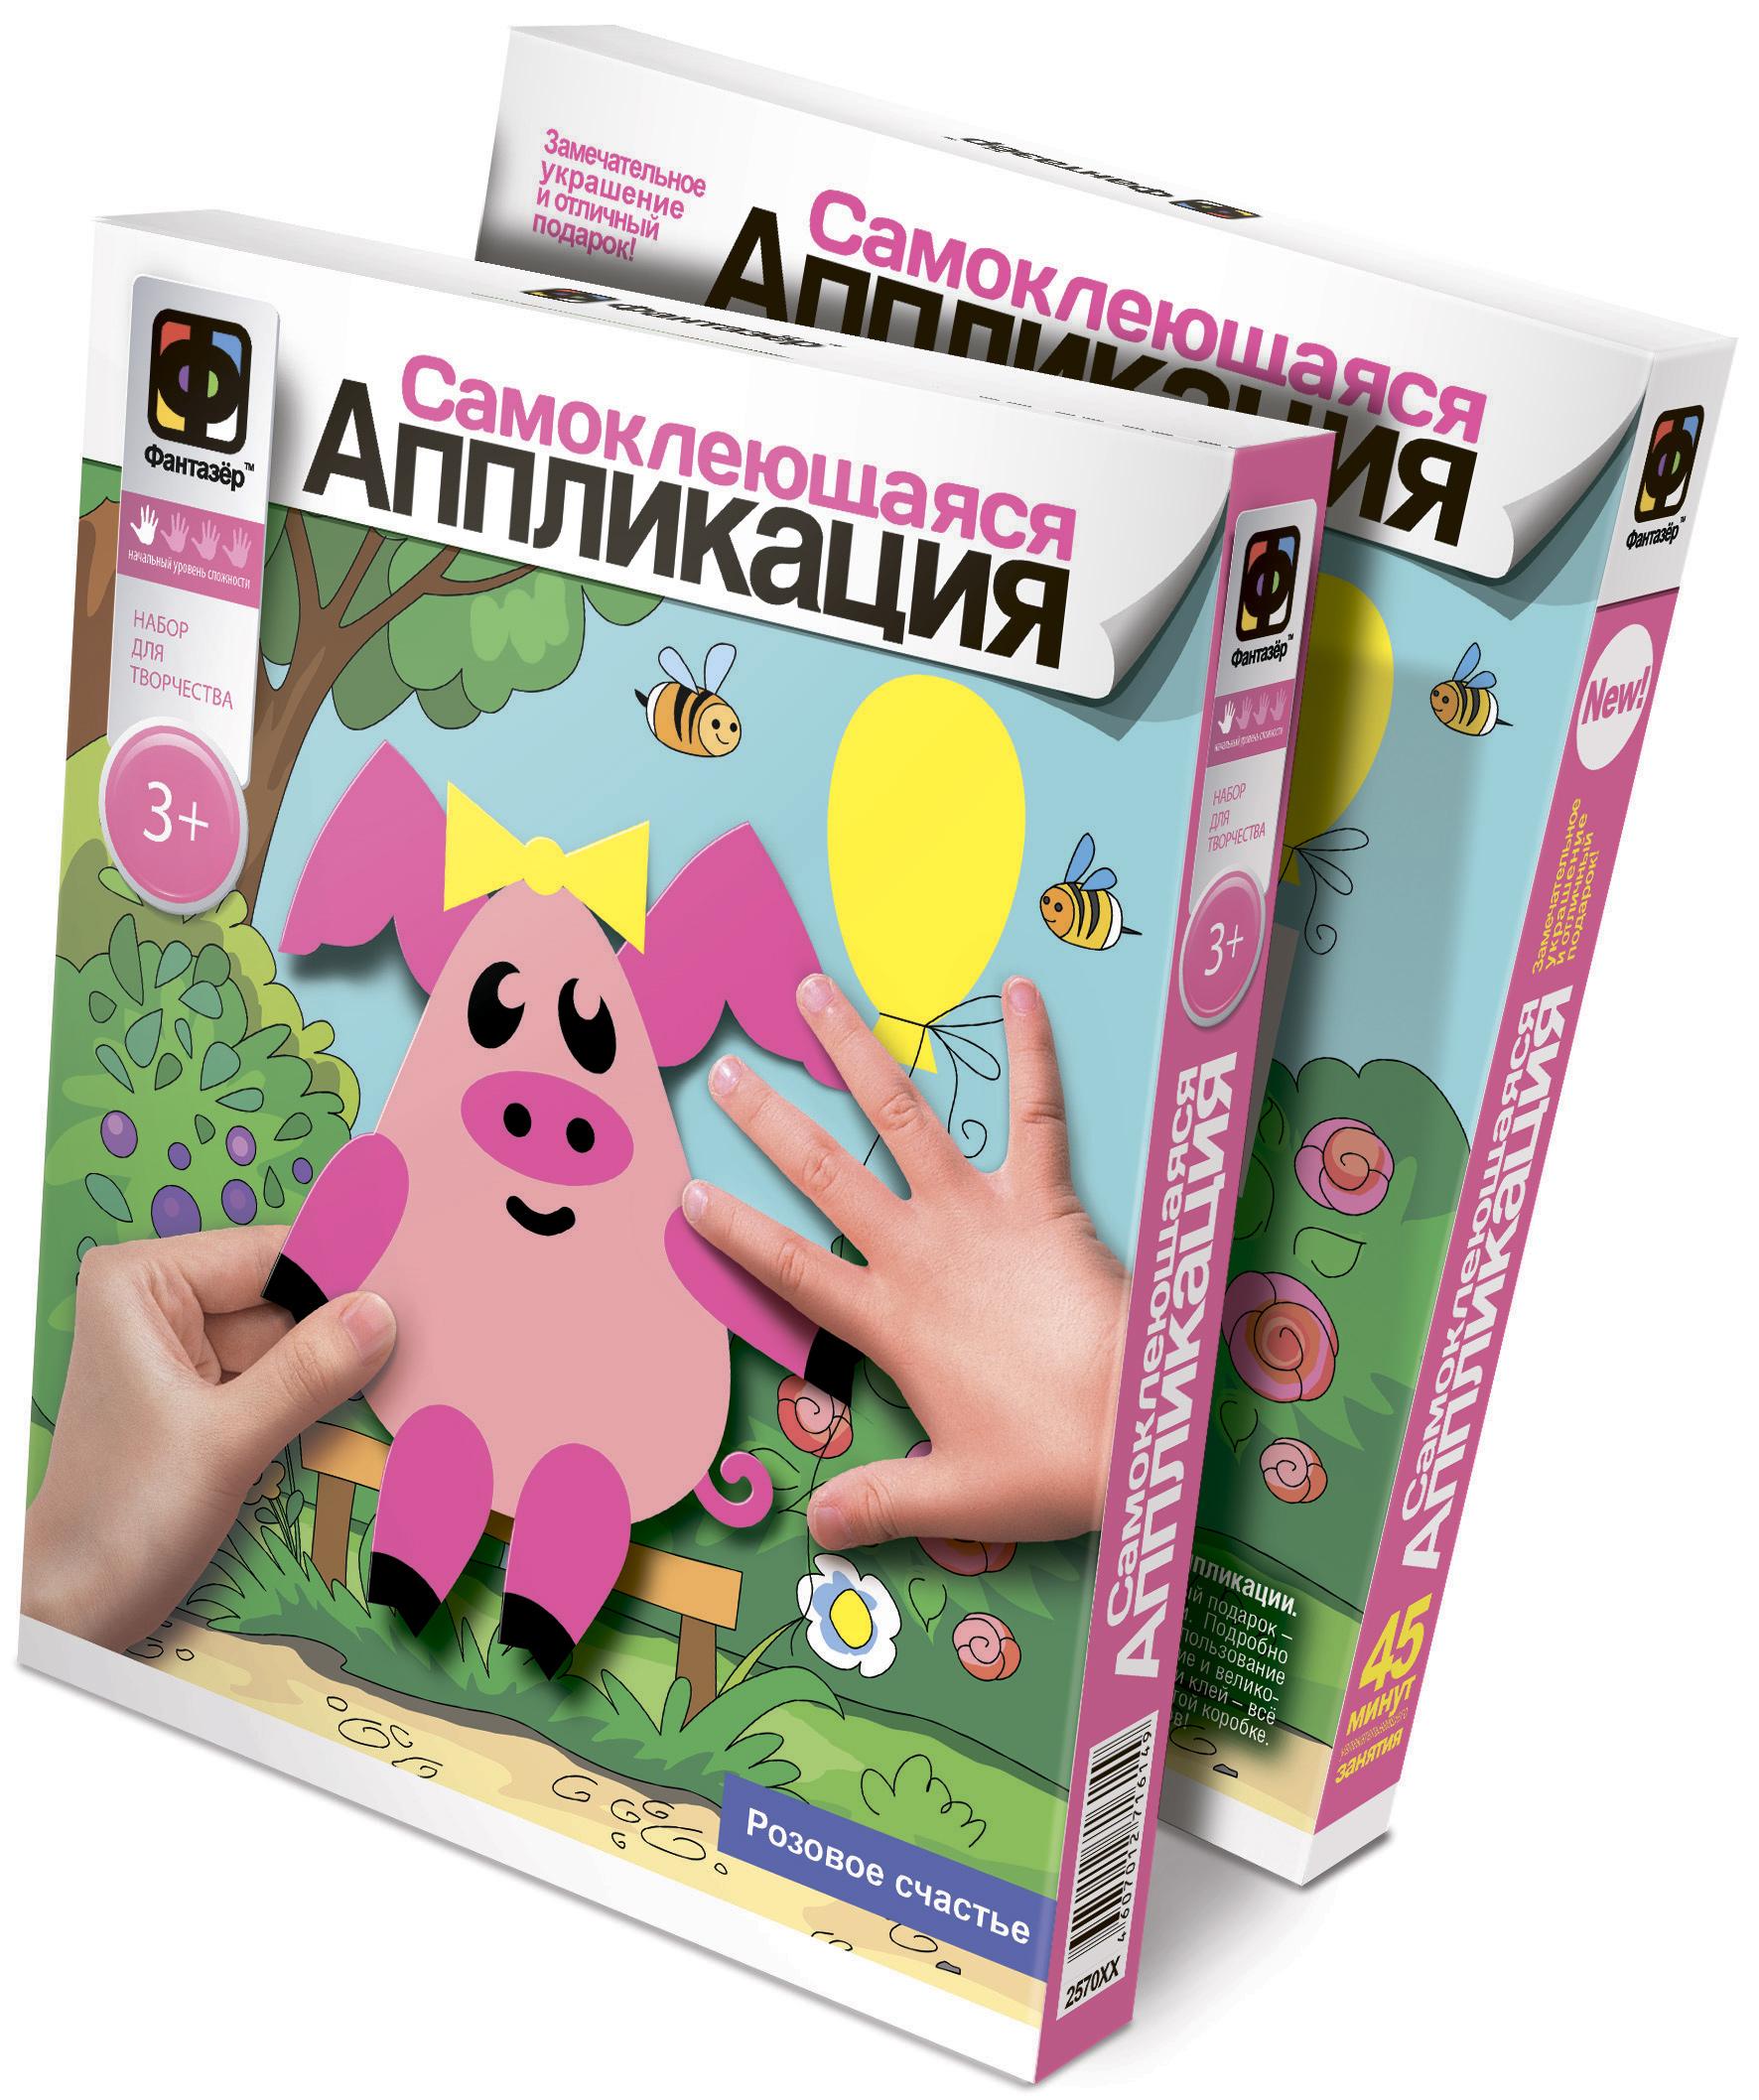 Самоклеющаяся аппликация Фантазер Розовое счастье 257026 аппликация самоклеющаяся встреча в лесу